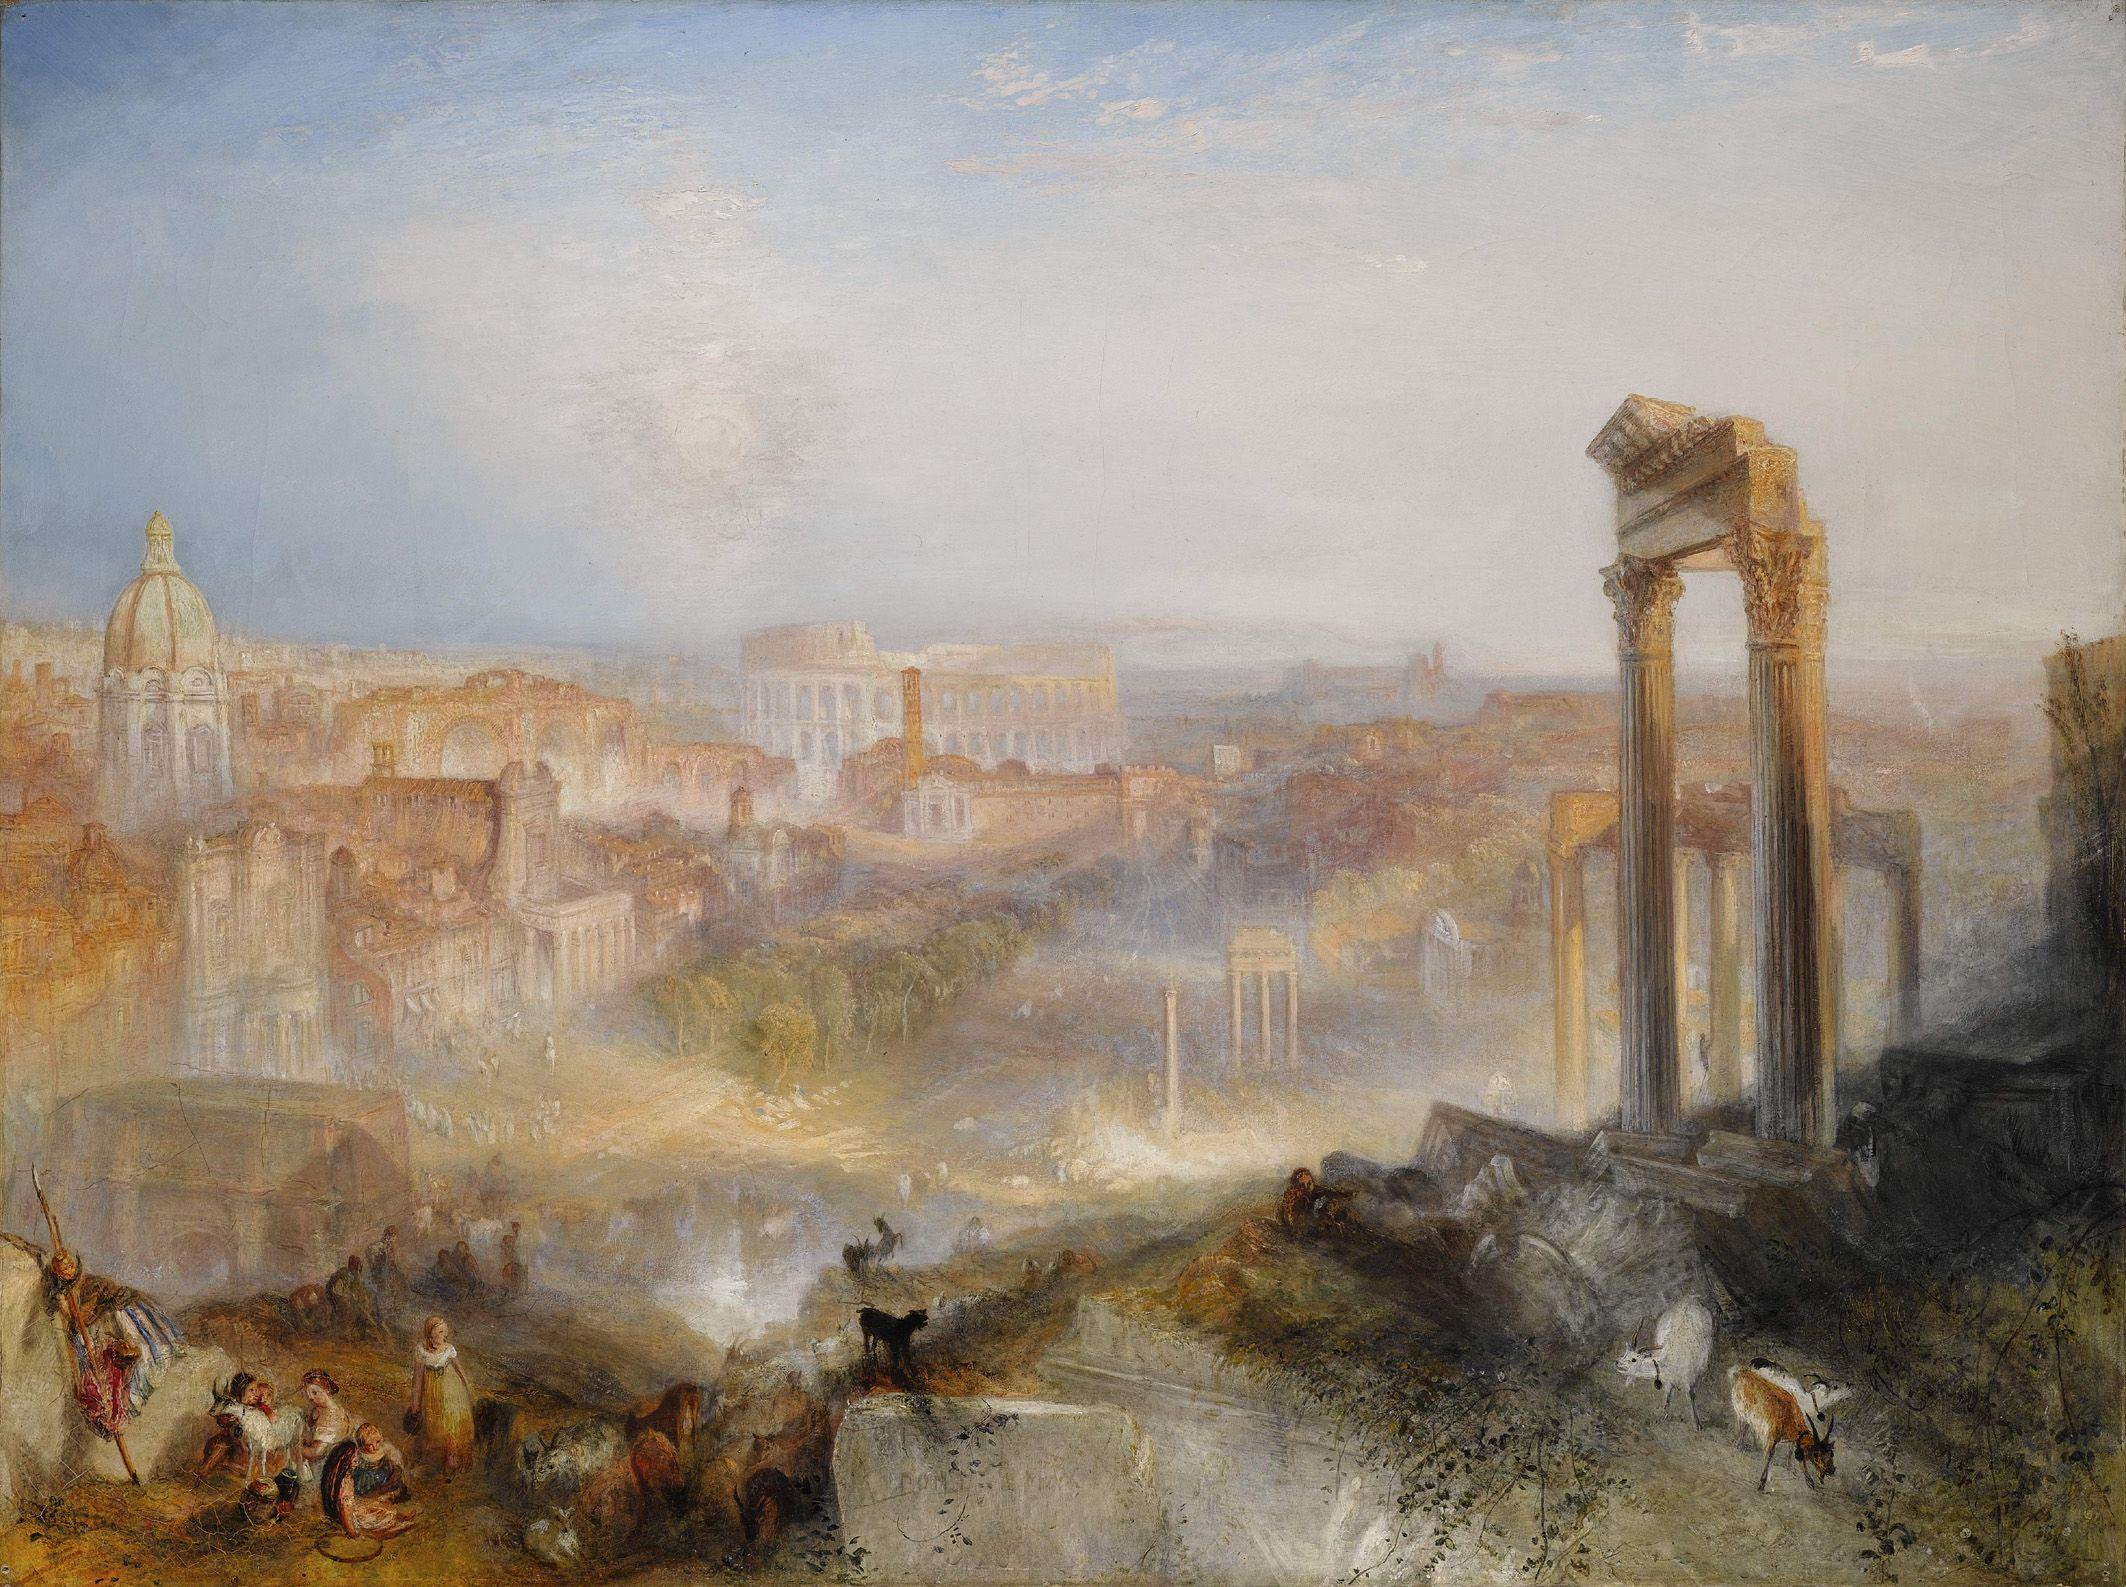 Turner 1839 MODERN ROME - CAMPO VACCINO coll privee